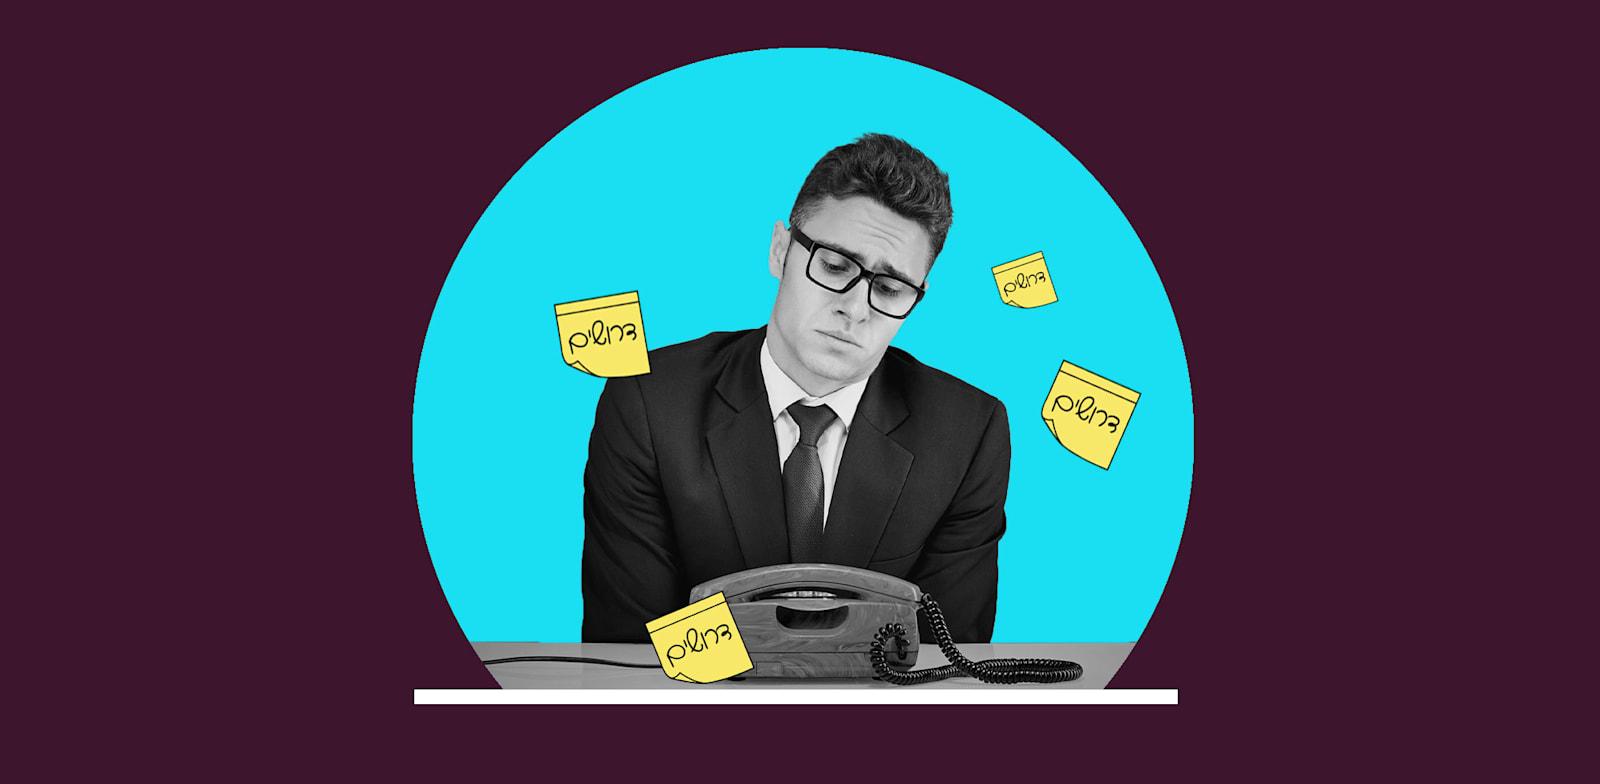 המועמדים למשרות נעלמו / צילום: Shutterstock